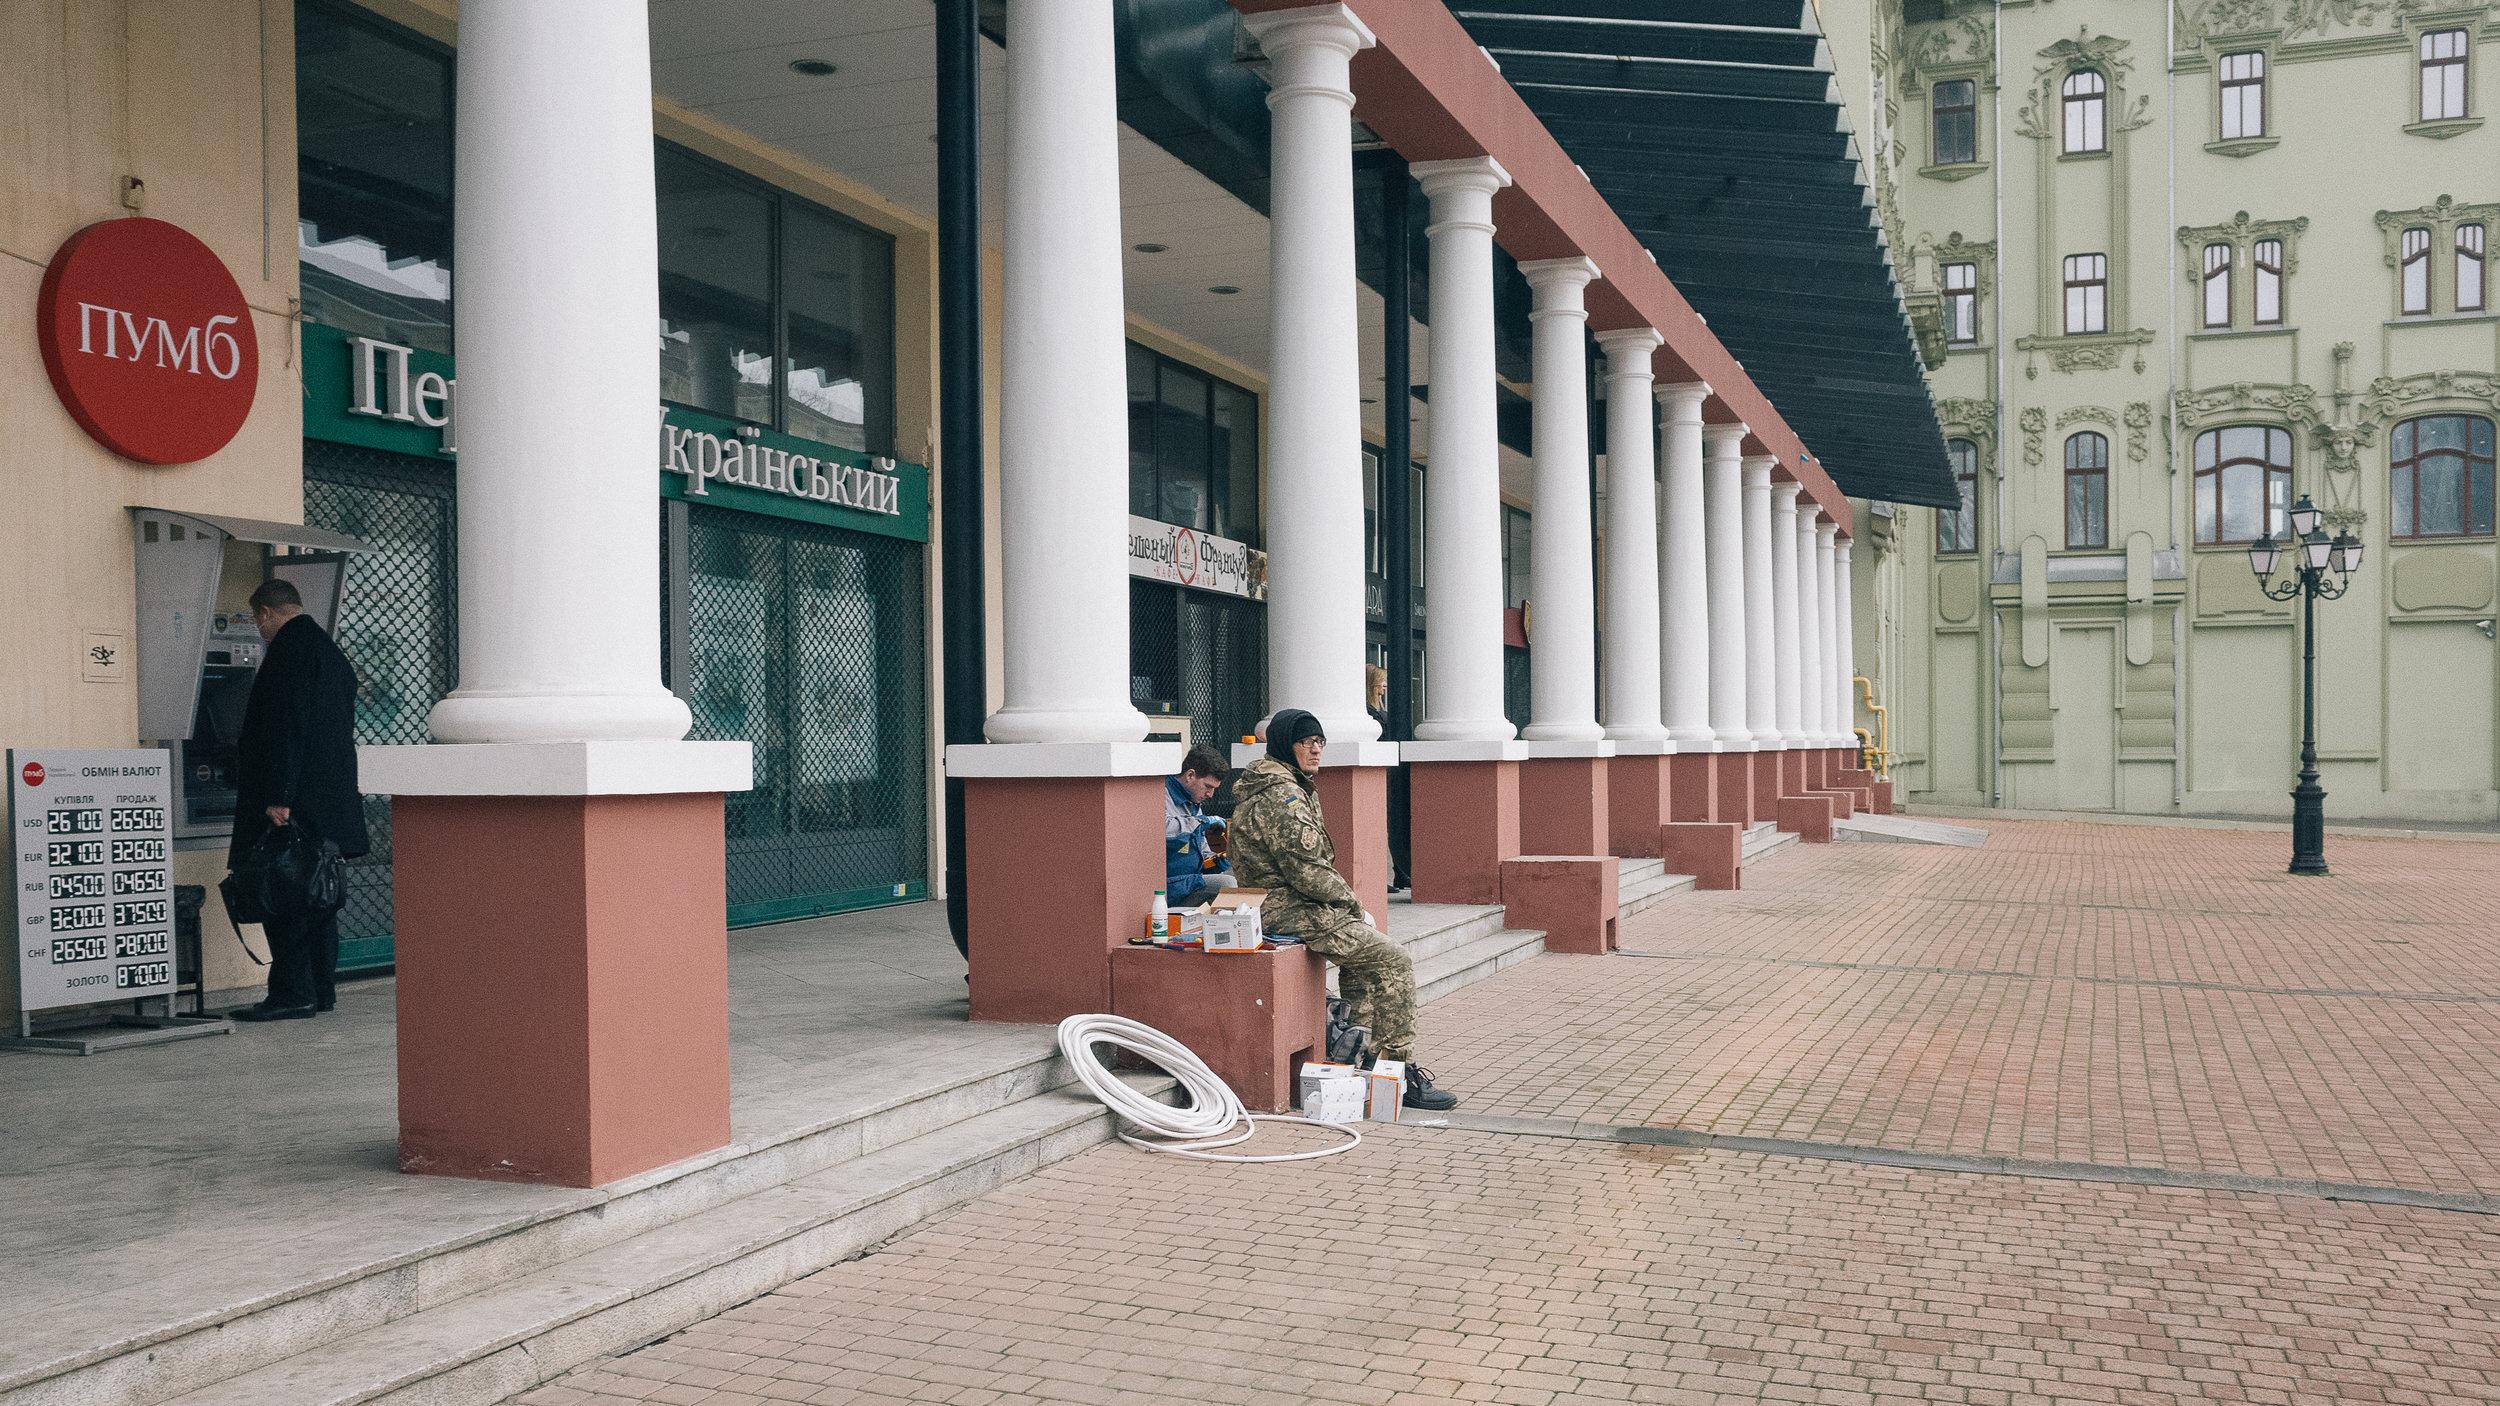 Στην οδό Deribasovskaya